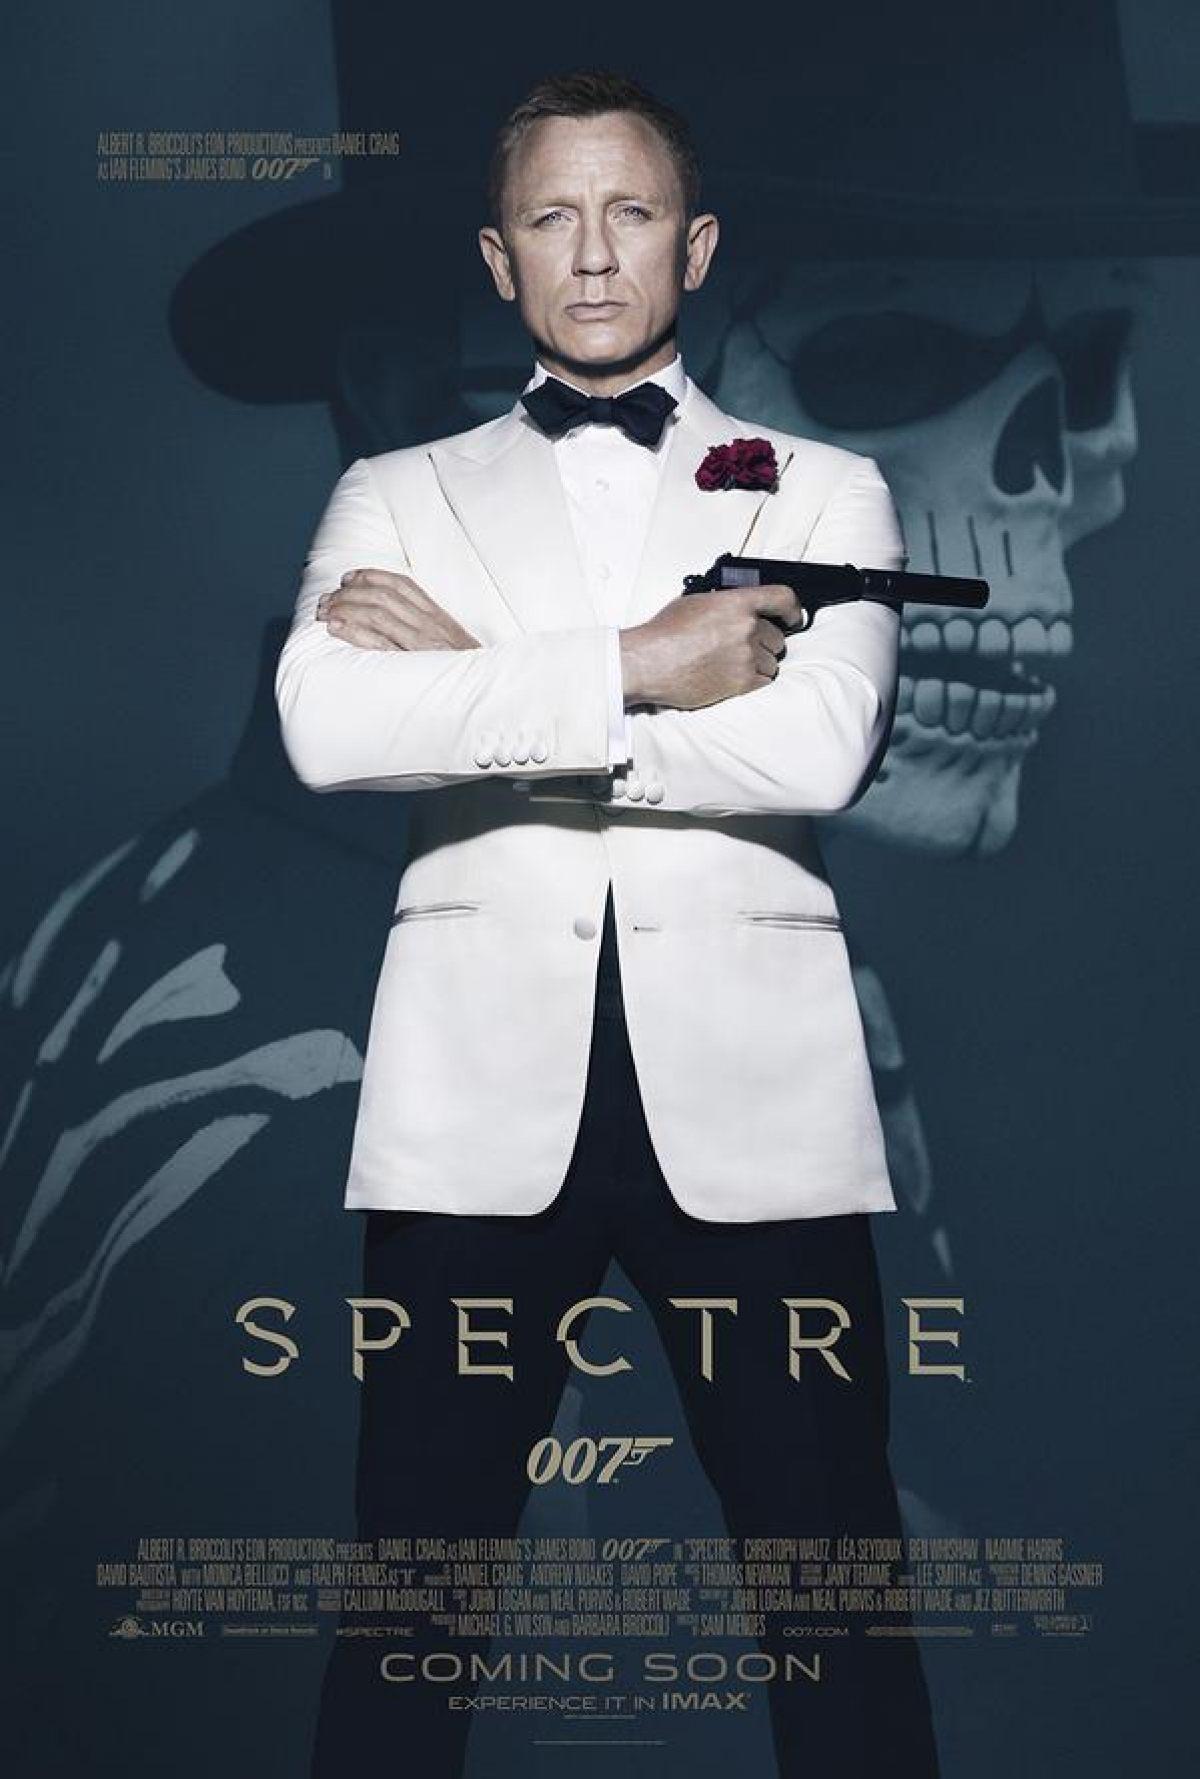 spectre_one_sheet_1200_1779_81_s.jpg